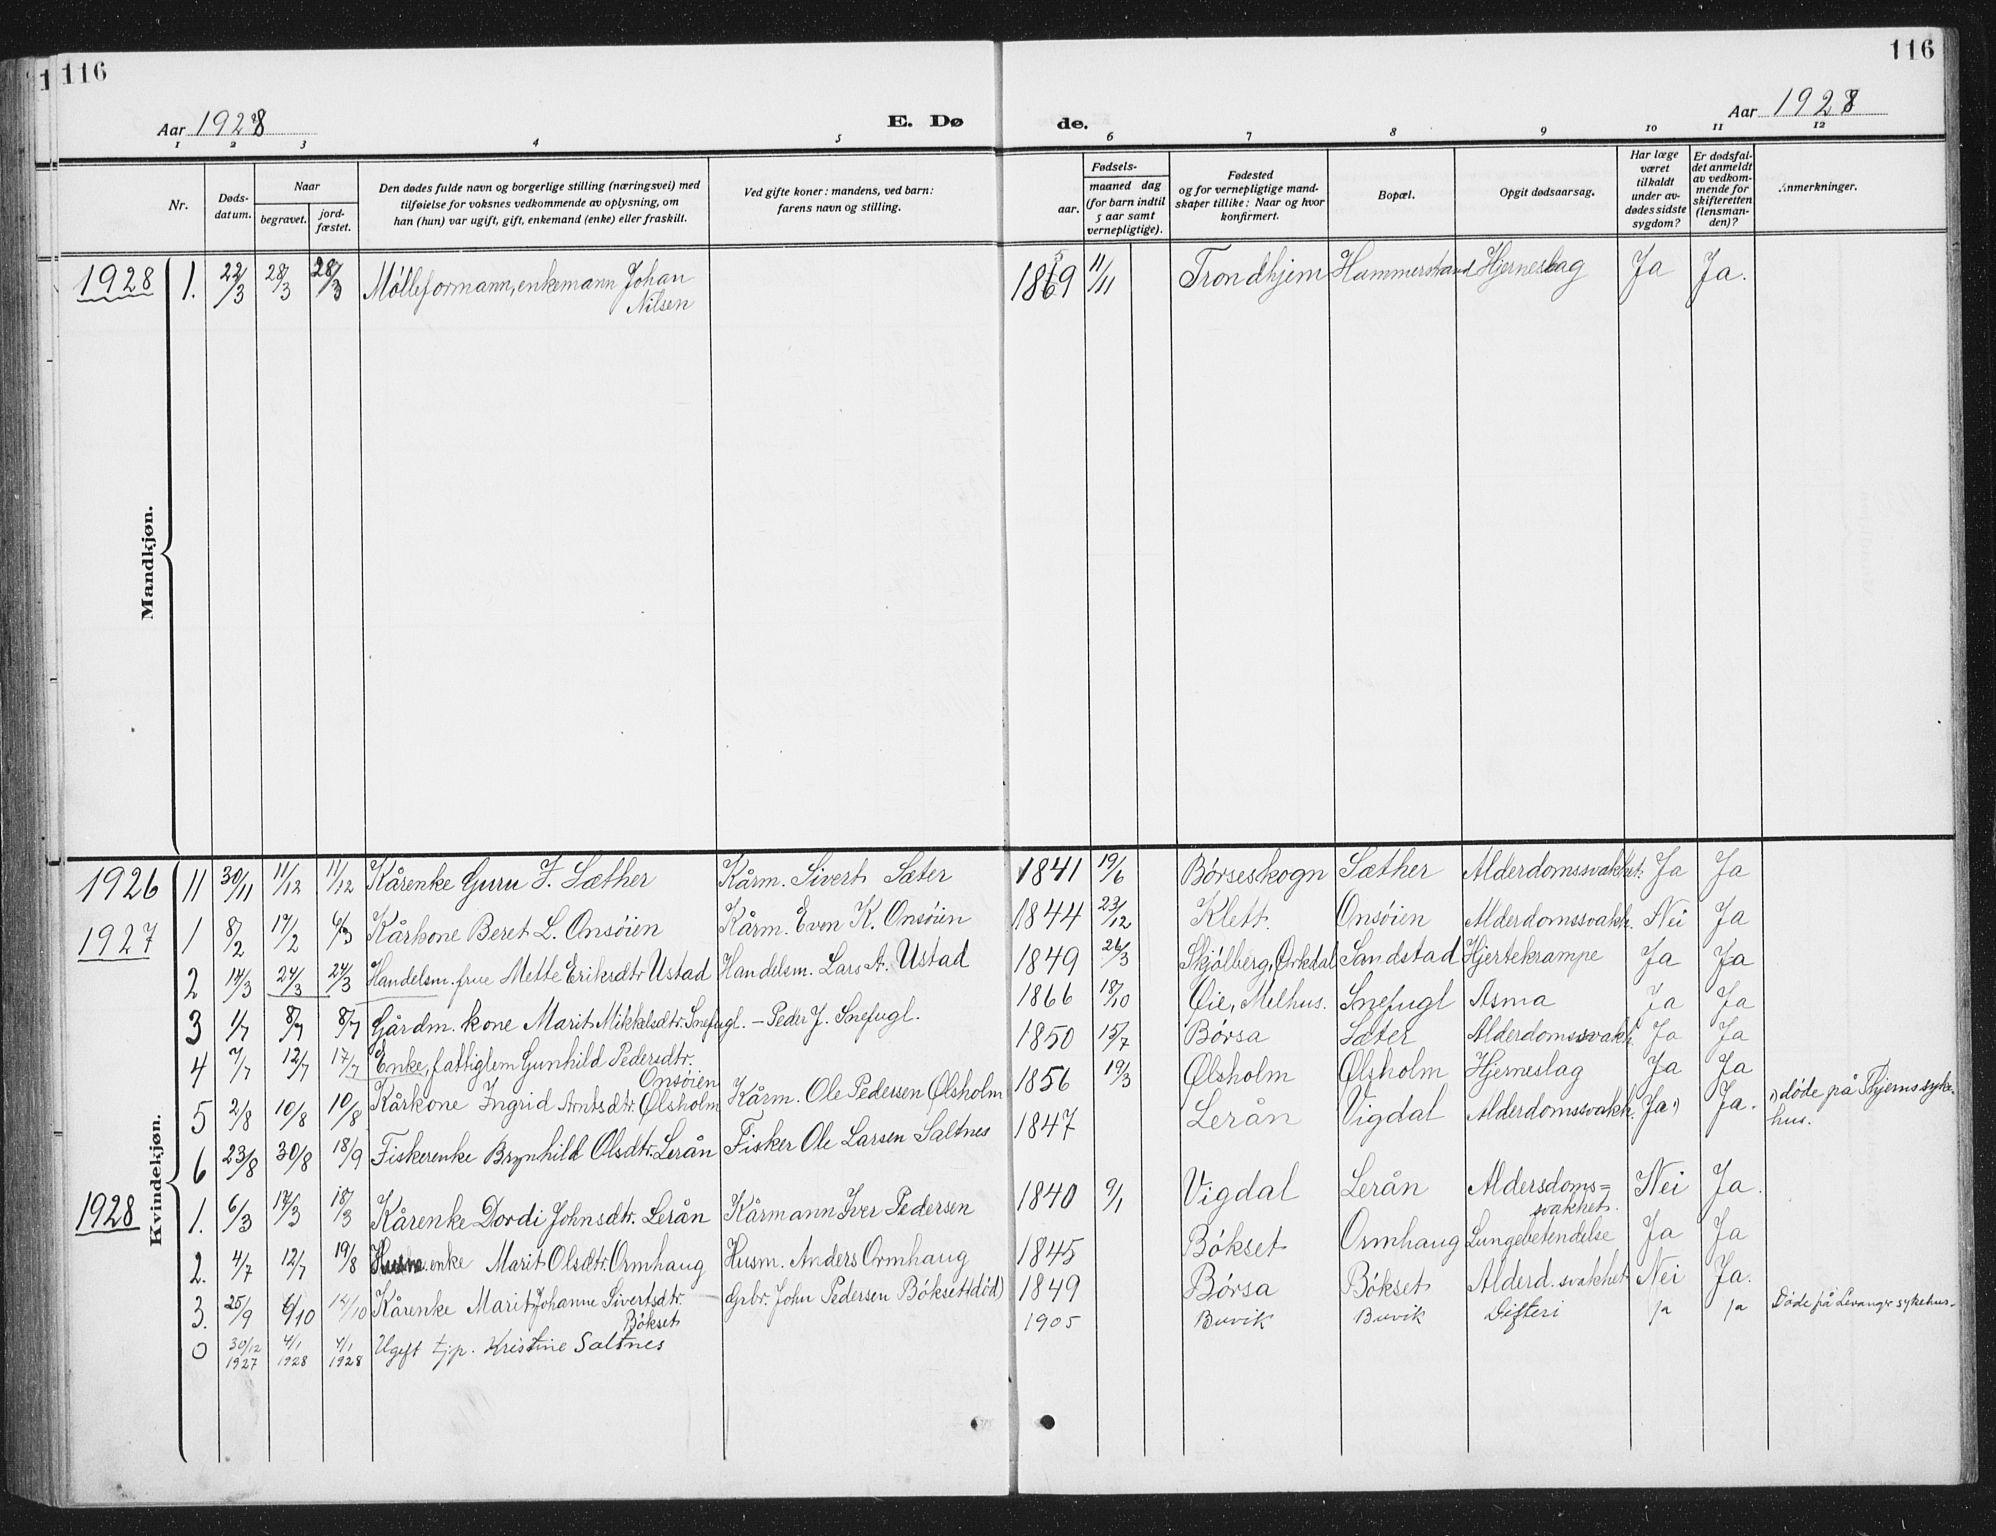 SAT, Ministerialprotokoller, klokkerbøker og fødselsregistre - Sør-Trøndelag, 666/L0791: Klokkerbok nr. 666C04, 1909-1939, s. 116